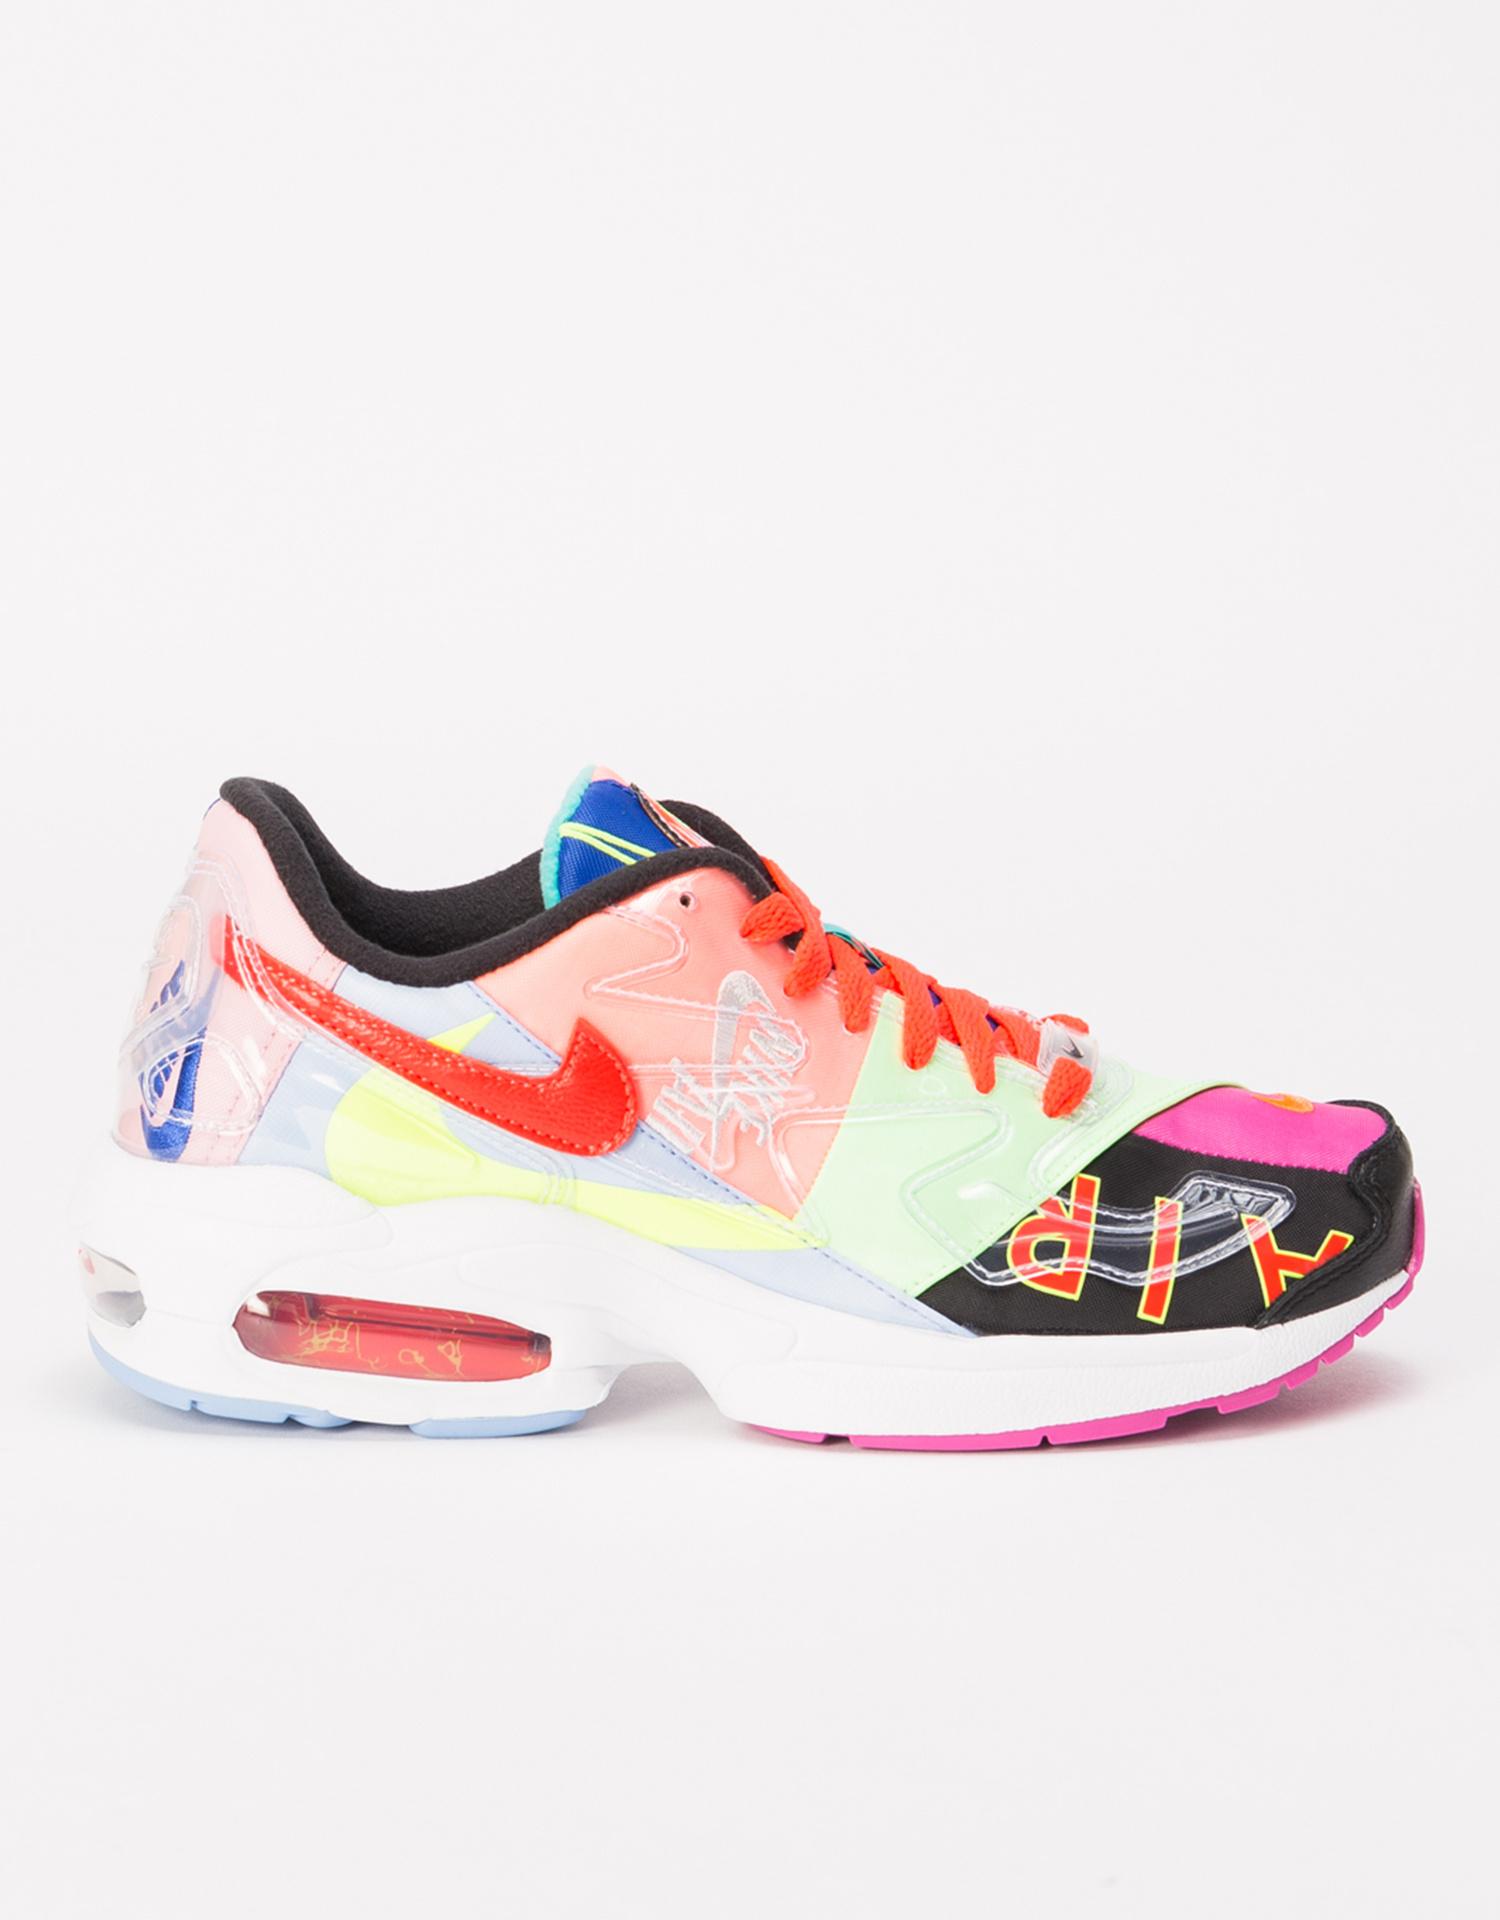 Nike Air Max 2 Light x Atmos BLACK/BRIGHT CRIMSON